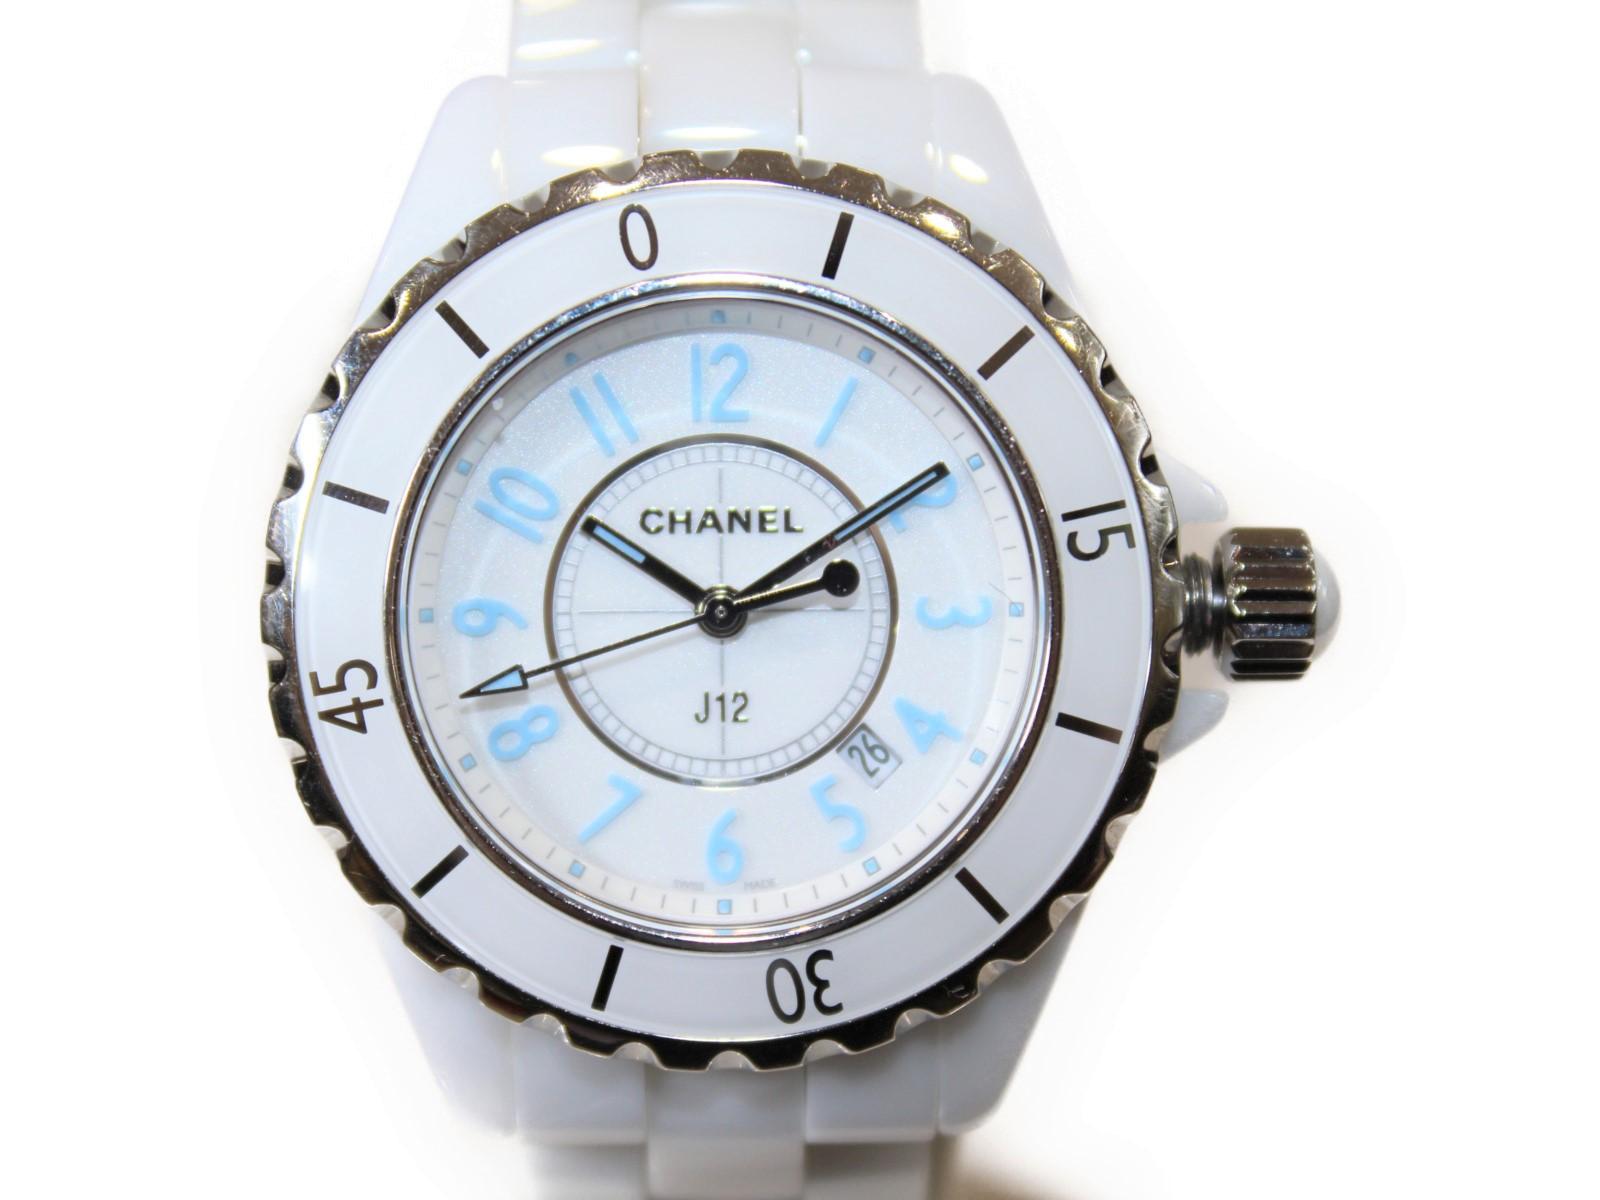 【世界限定2000本】CHANEL シャネル J12 ブルーライトリミテッド H3826 セラミック ブルー ホワイト レディース 腕時計 【中古】